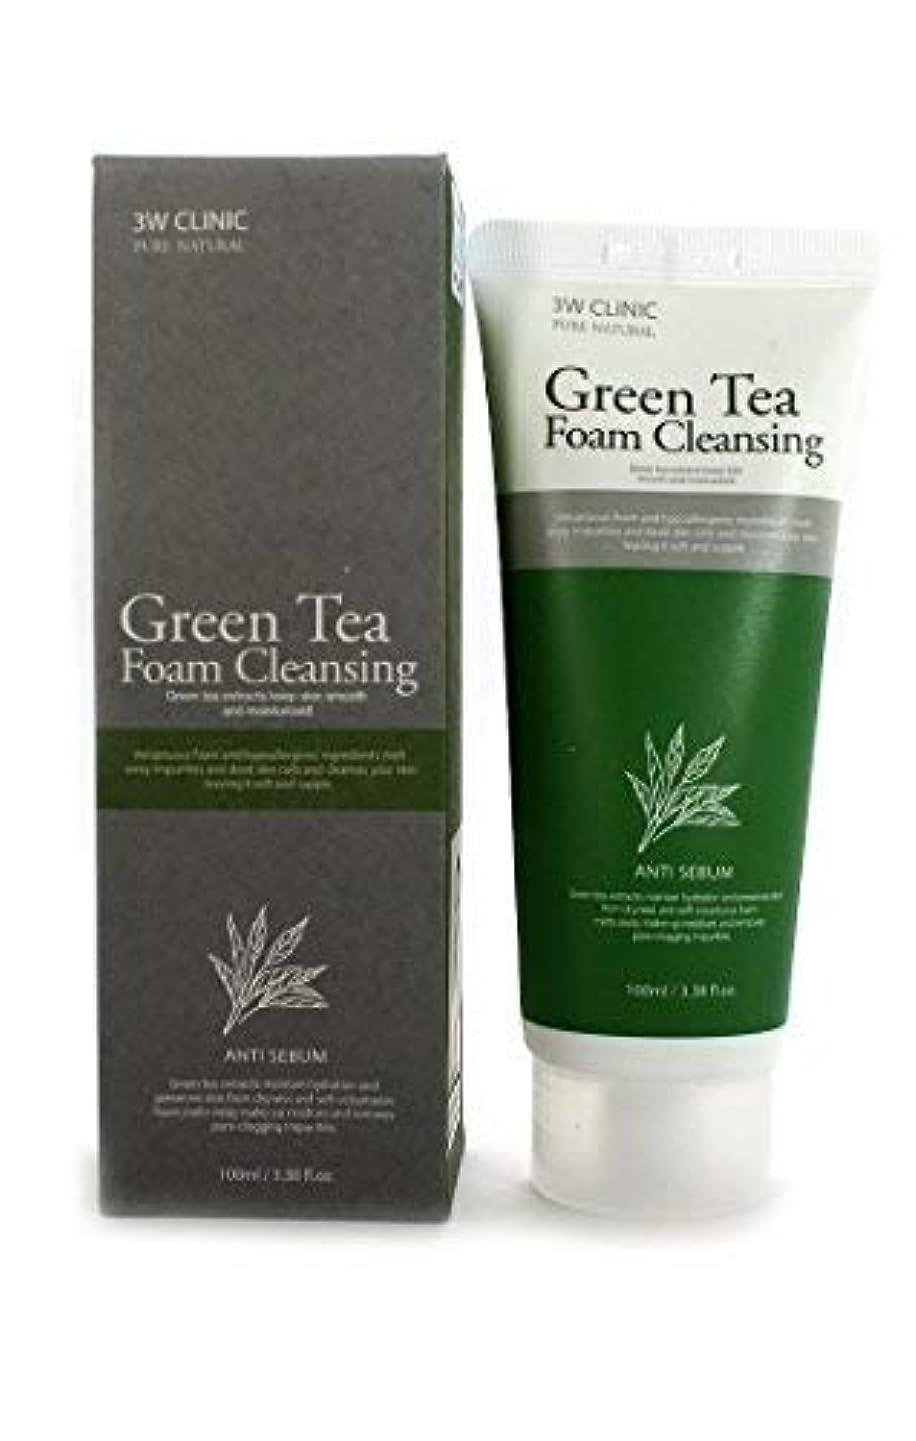 禁止する知覚する潤滑するGreen Tea Foam Cleansing クリニック純粋な天然100Ml(3.38Fl。オズ) [並行輸入品]